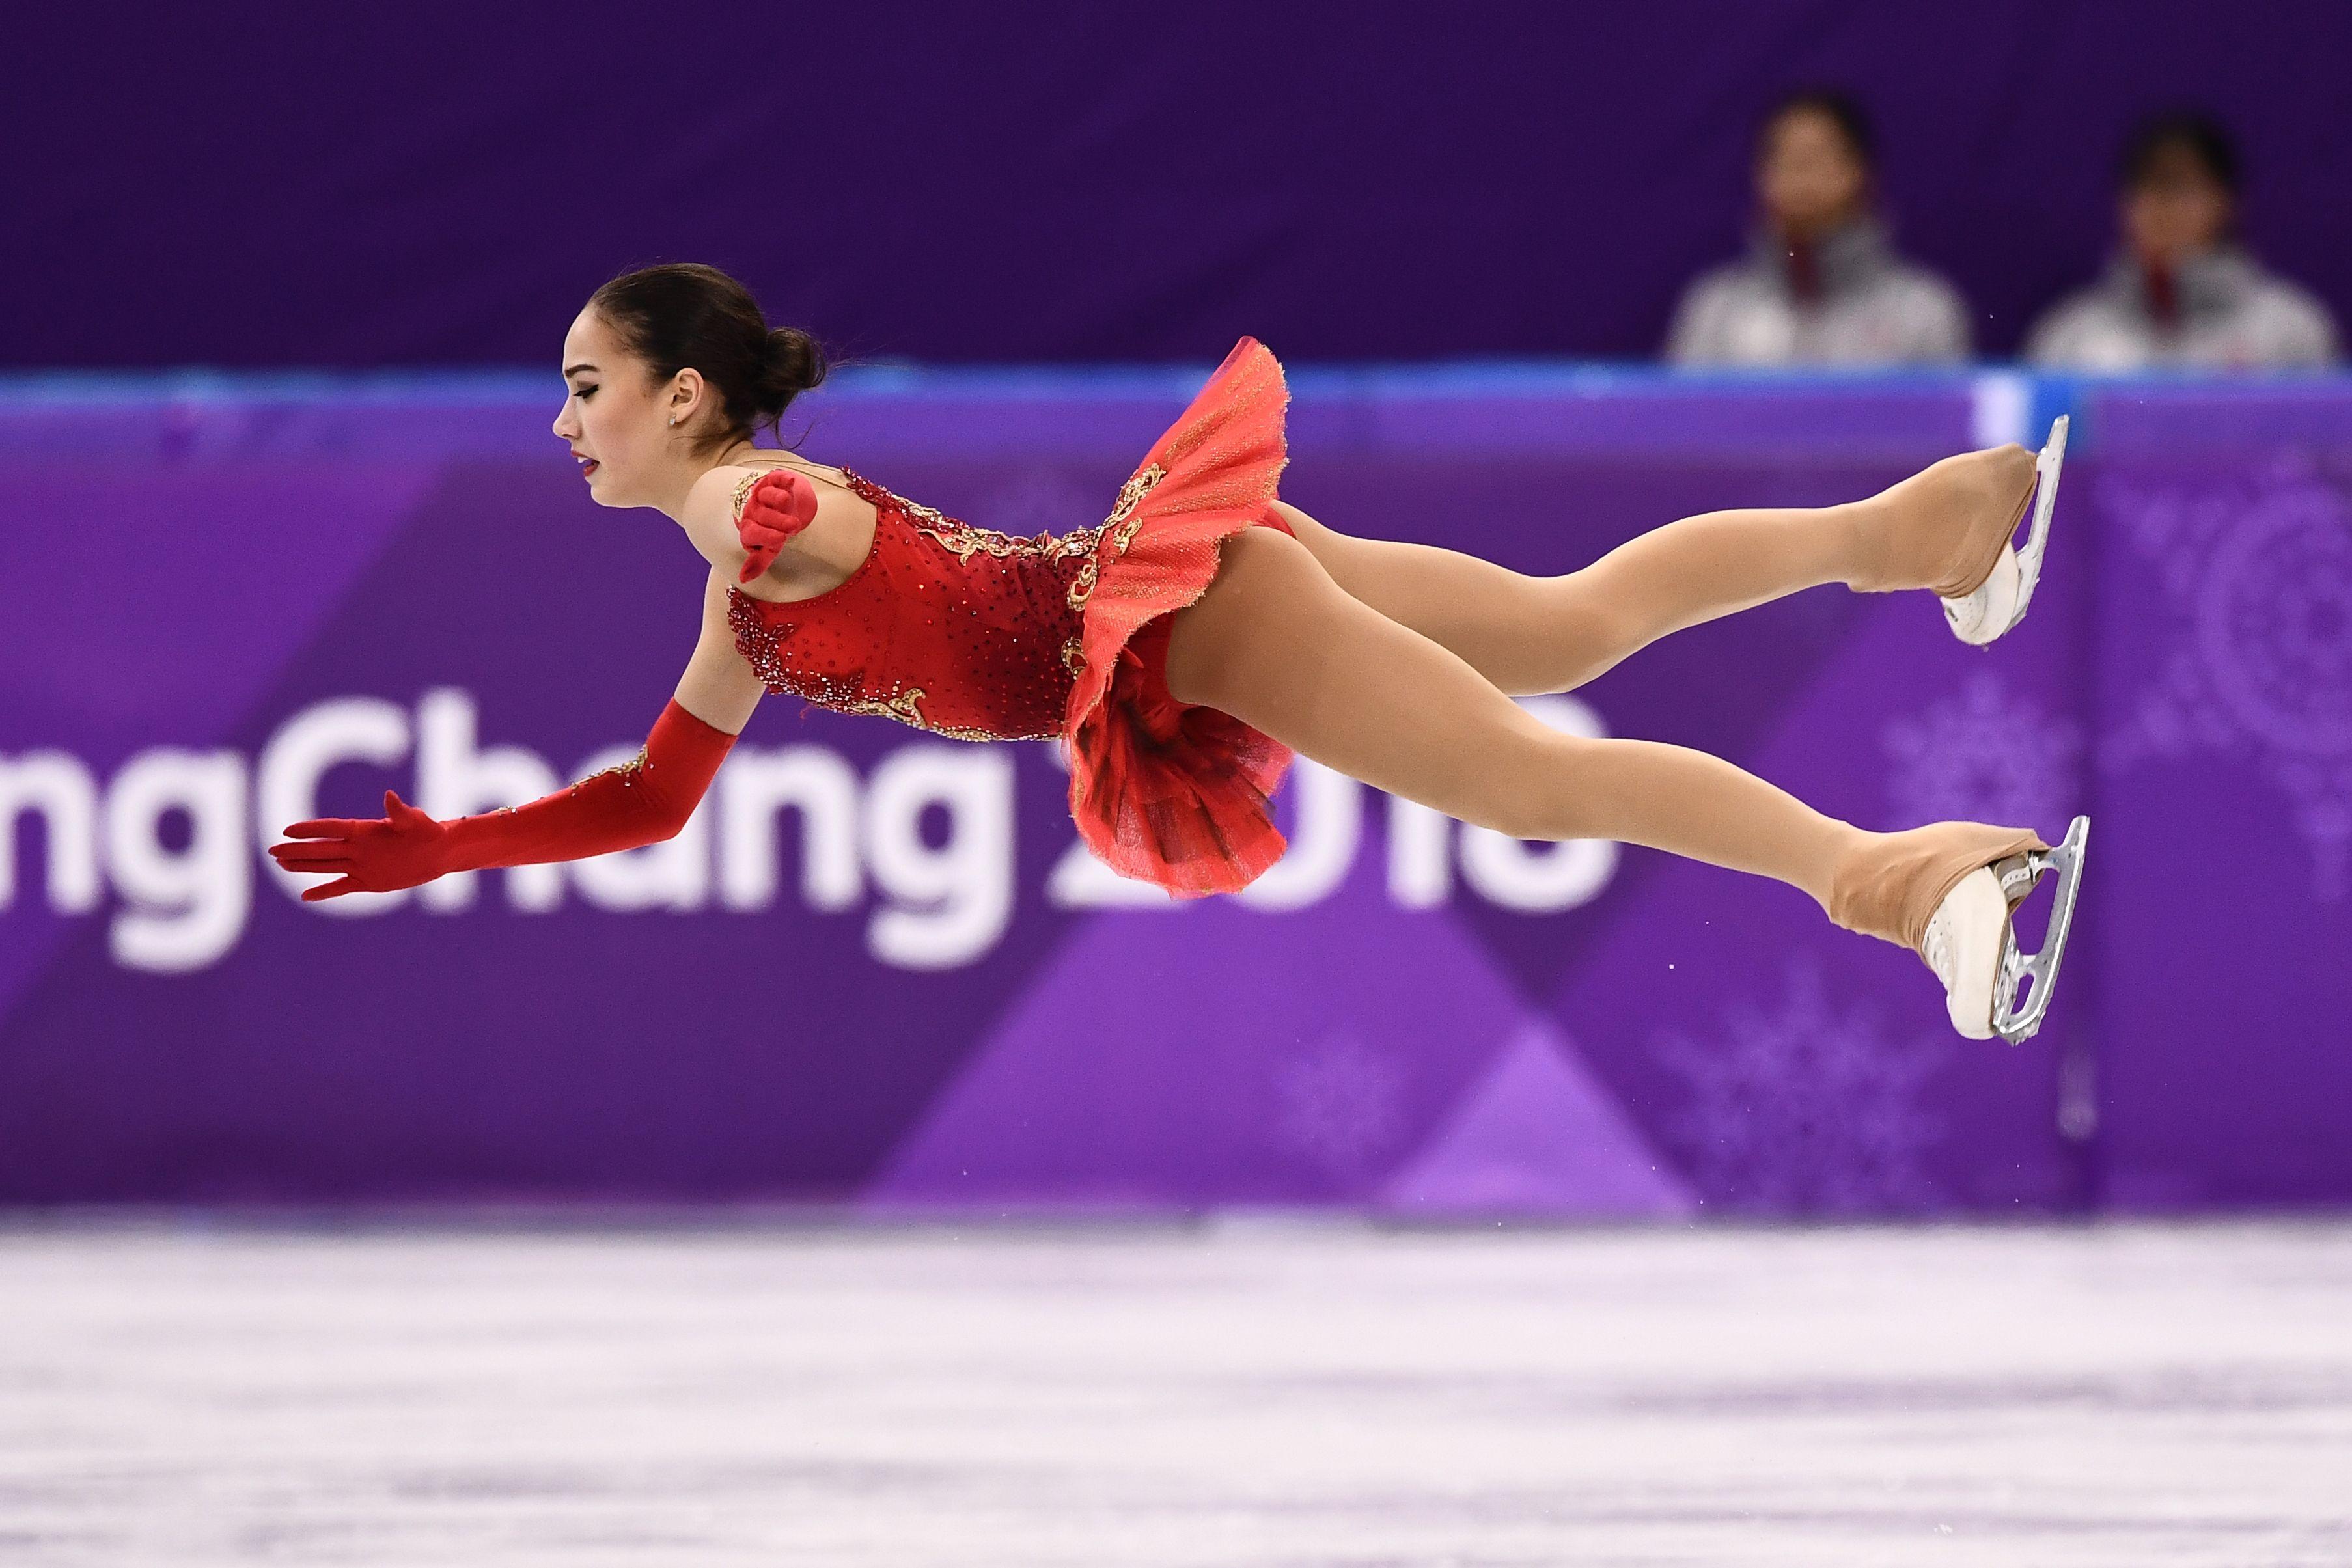 Jeux olympiques - Pyeongchang 2018 - JO 2018 : Alina Zagitova, la nouvelle reine du patinage